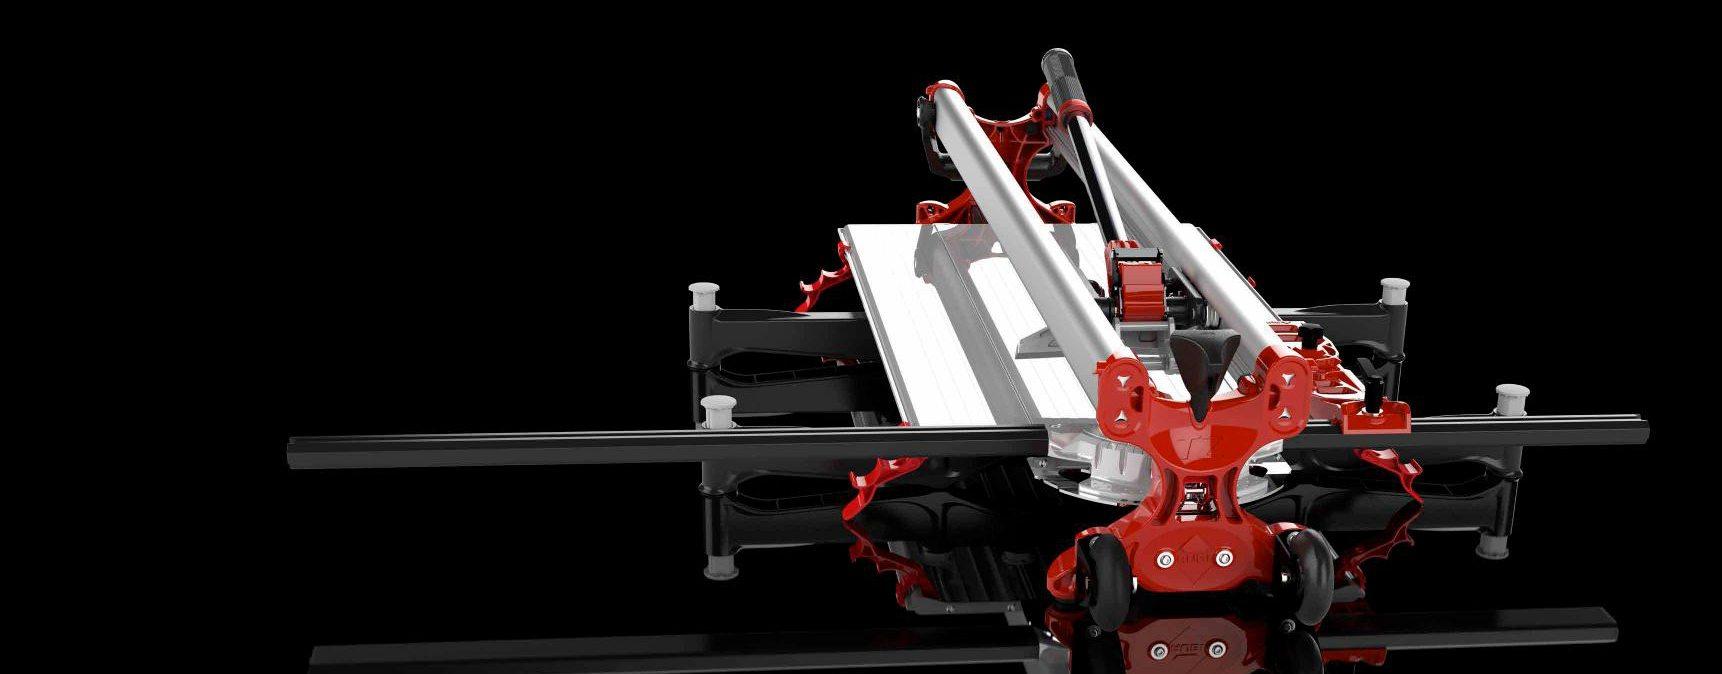 Proveedores de recambios y piezas para maquinaria